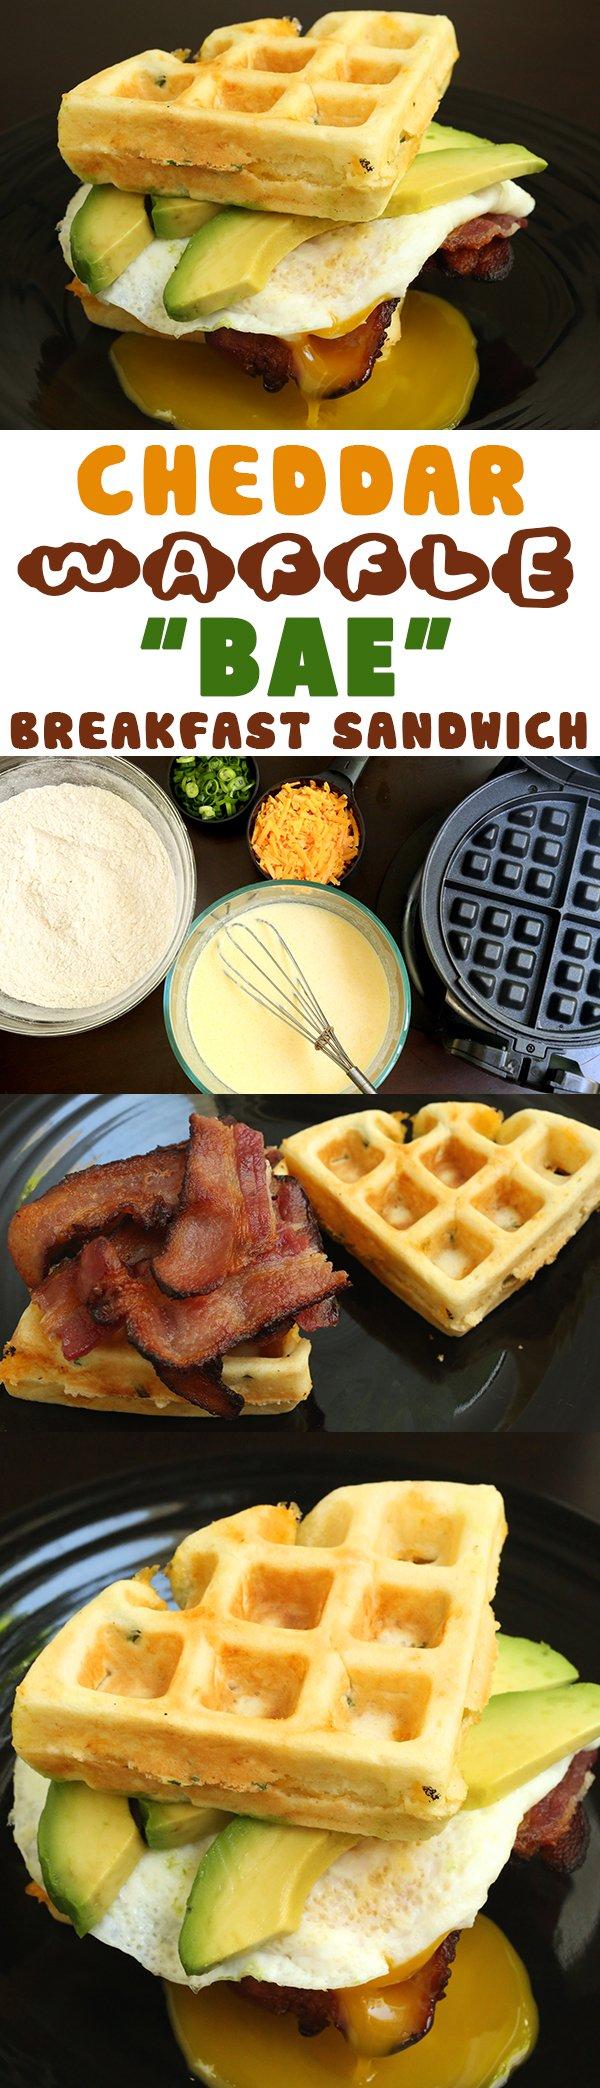 Cheddar Waffle BAE Breakfast Sandwich